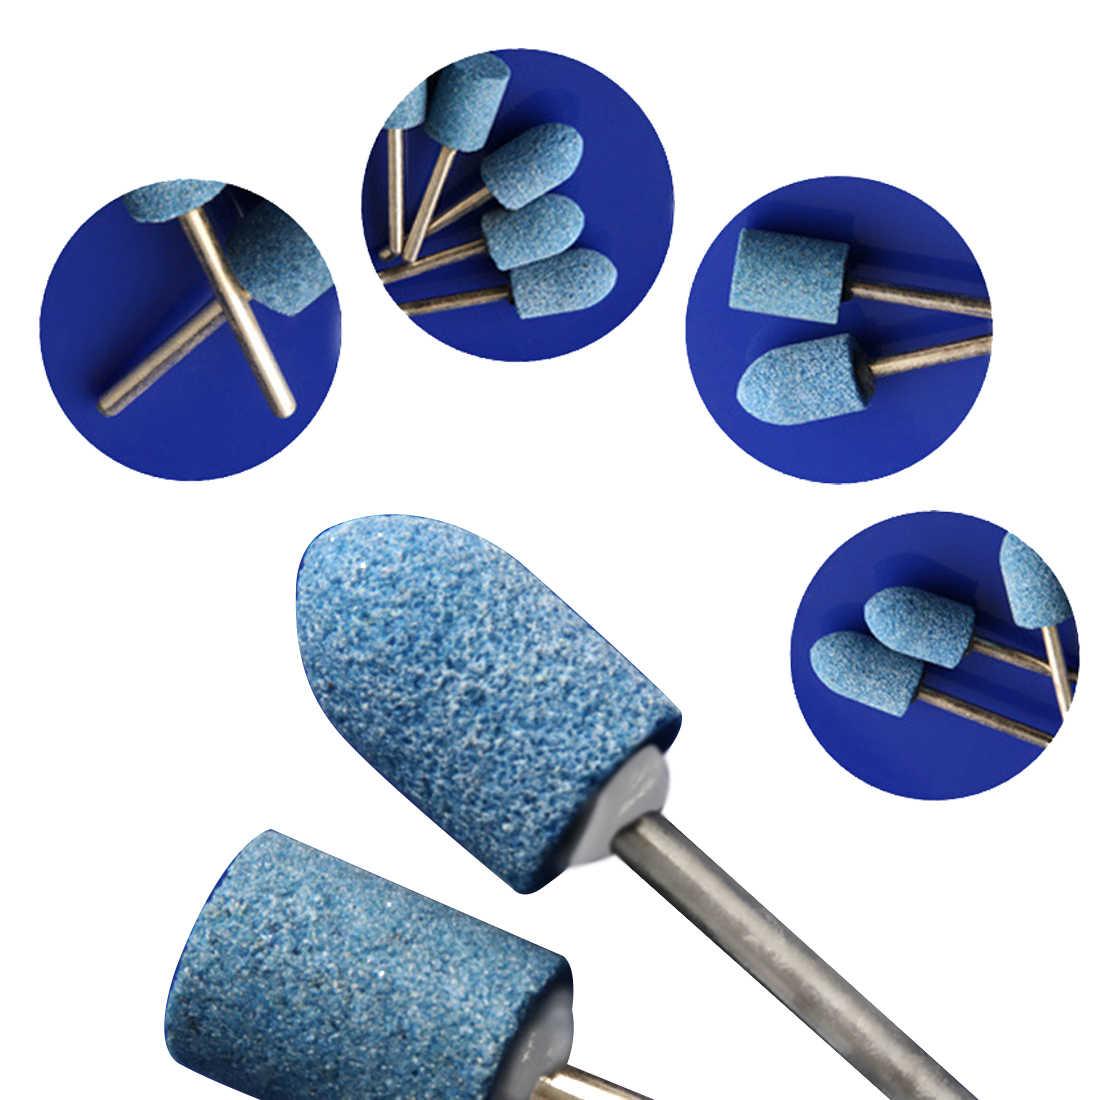 Абразивные насадки для Dremel Rotary Tools точки аксессуары для электрического шлифования полировка переднее колесо инструмент для Dremel роторные электроинструменты